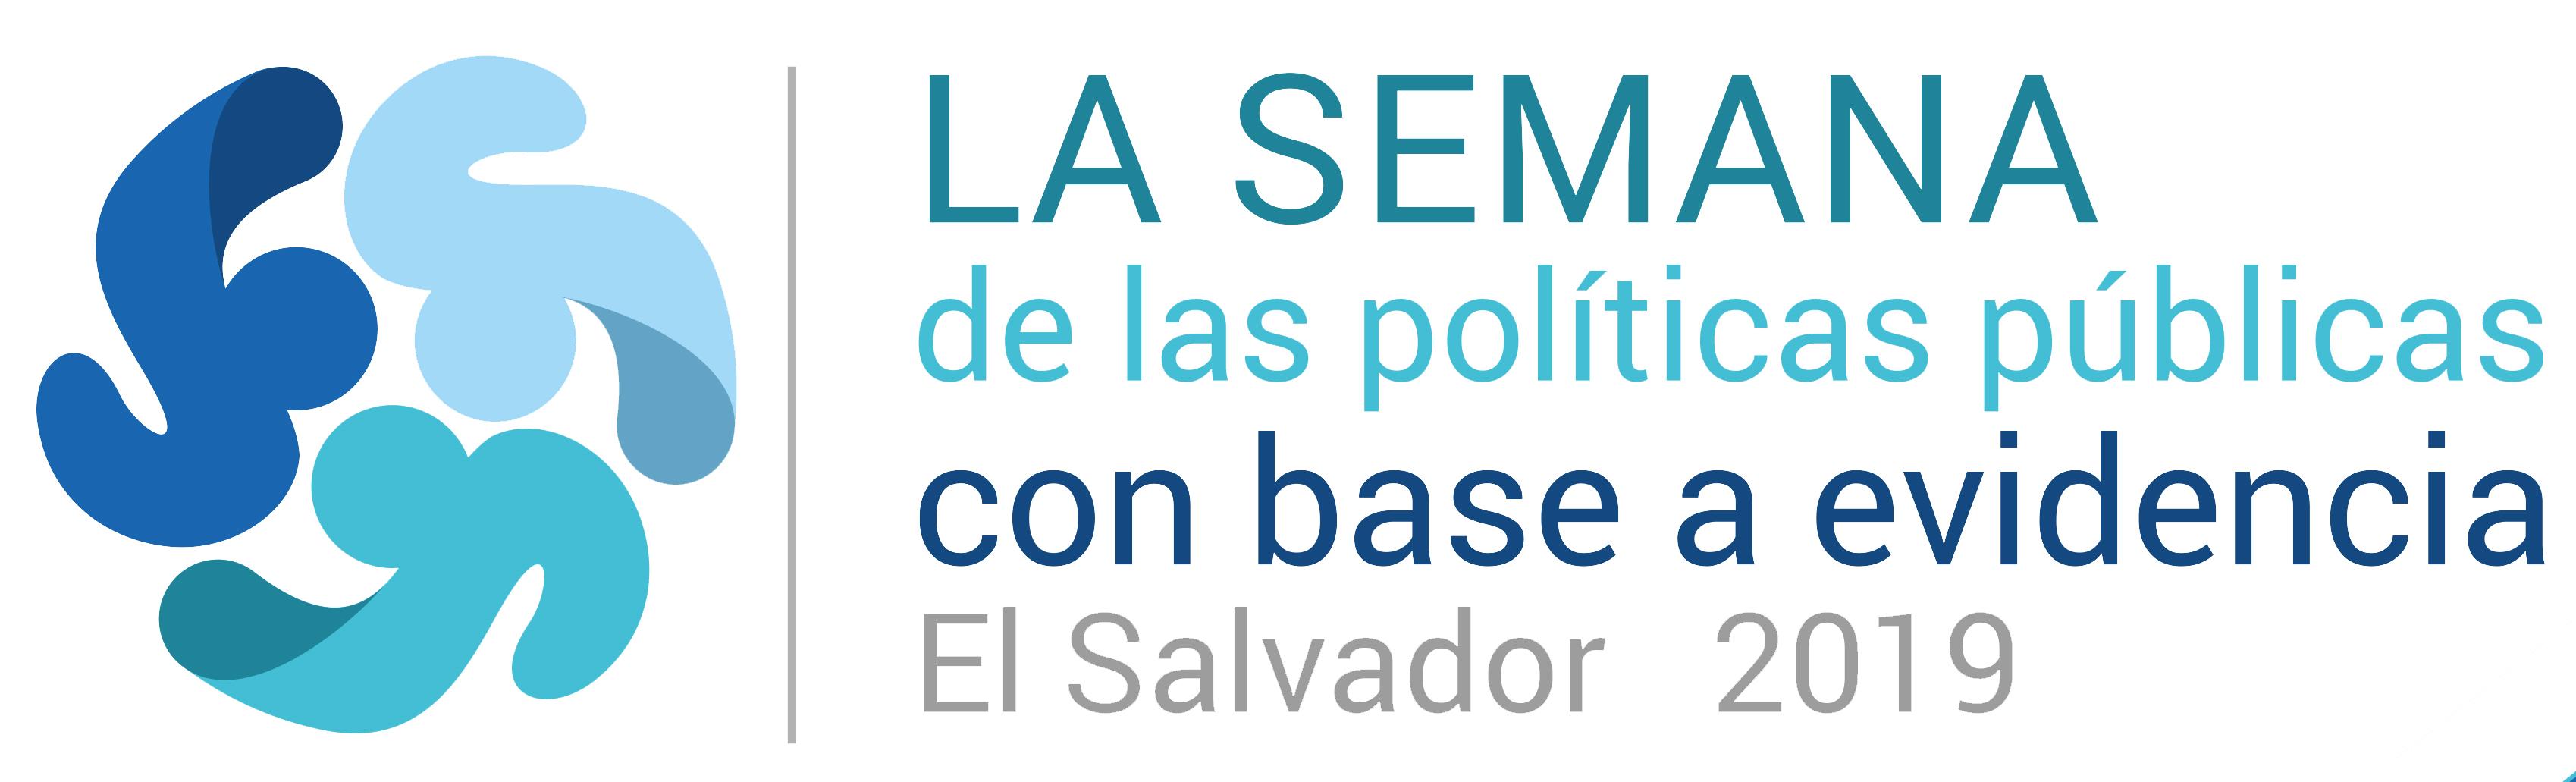 Logo_la_semana_19.jpg